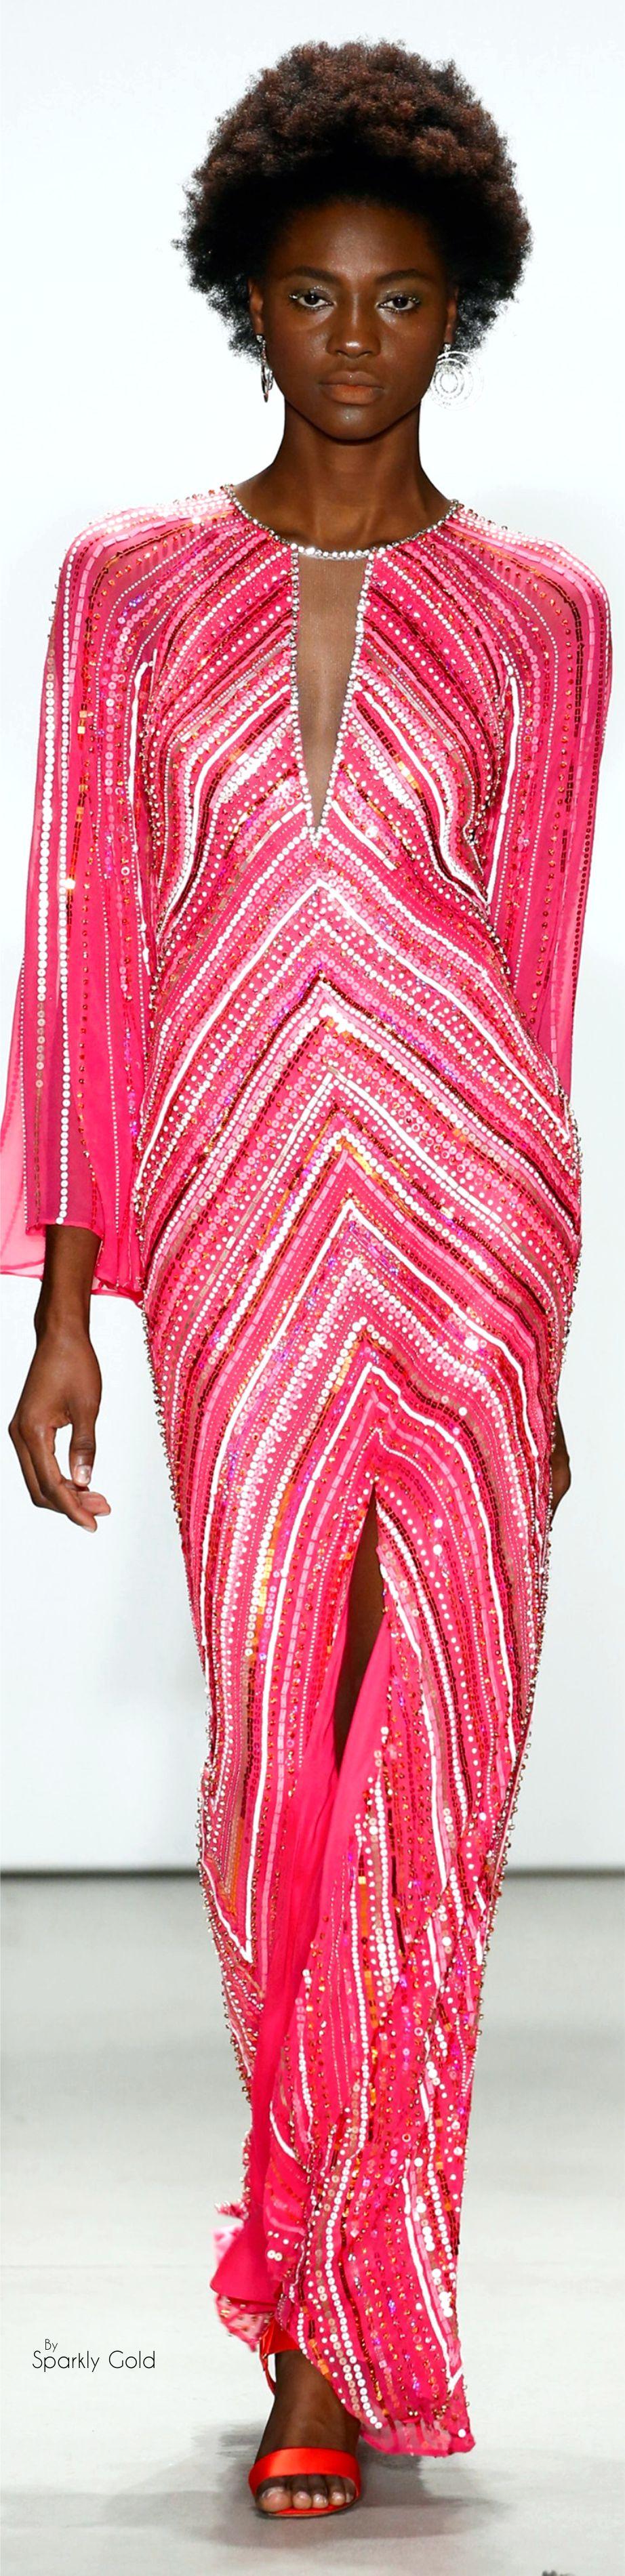 Vistoso Vestidos De Fiesta Jenny Packham Imágenes - Ideas de Vestido ...